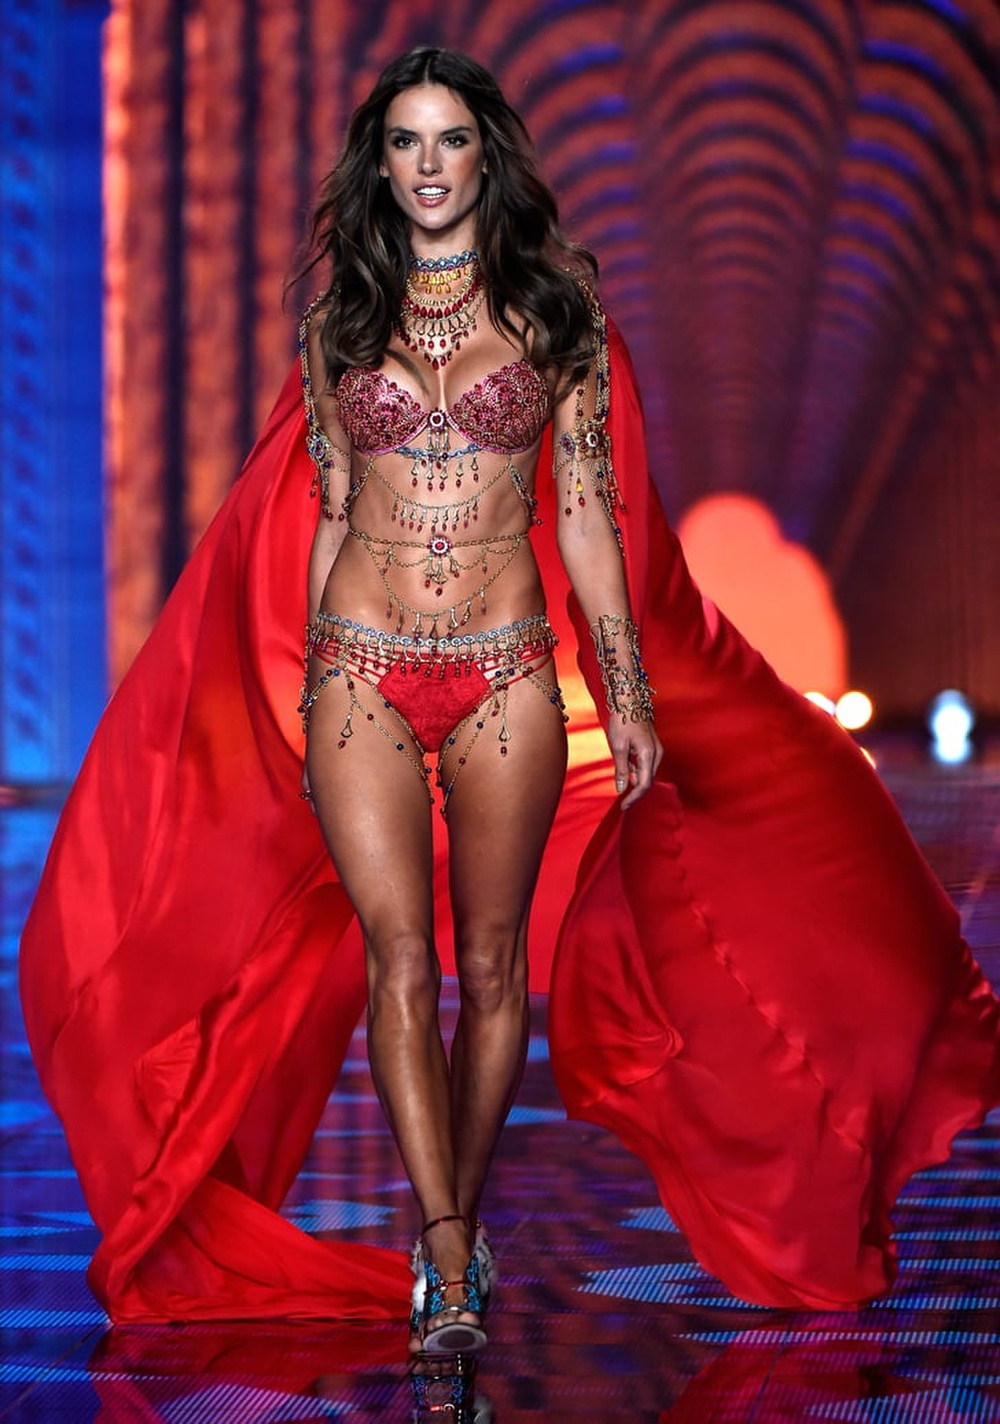 Hoa hậu Tiểu Vy cosplay thiết kế nội y như cựu thiên thần Victoria's Secret Ảnh 6